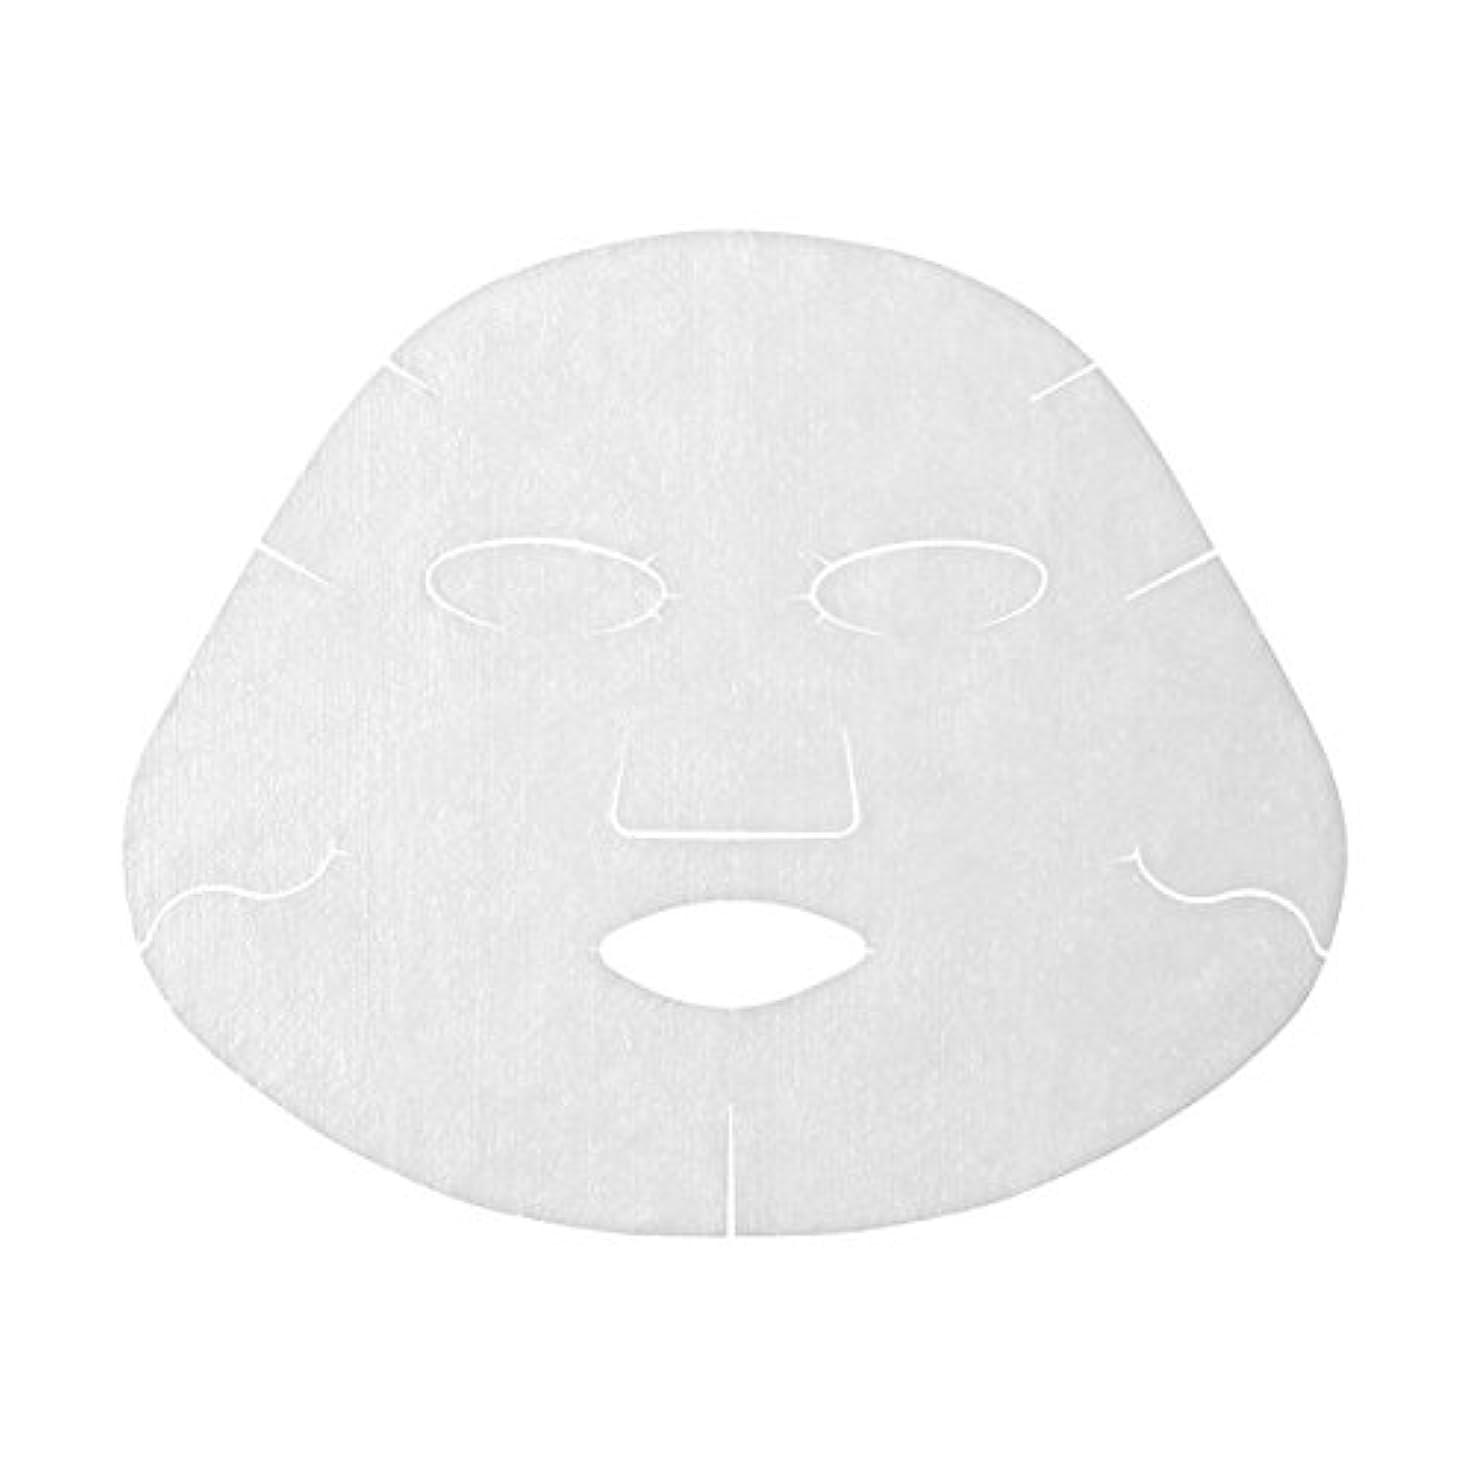 規制中断ストラップアクアレーベル リセットホワイトマスク <1枚入り> 18mL×1枚 【医薬部外品】